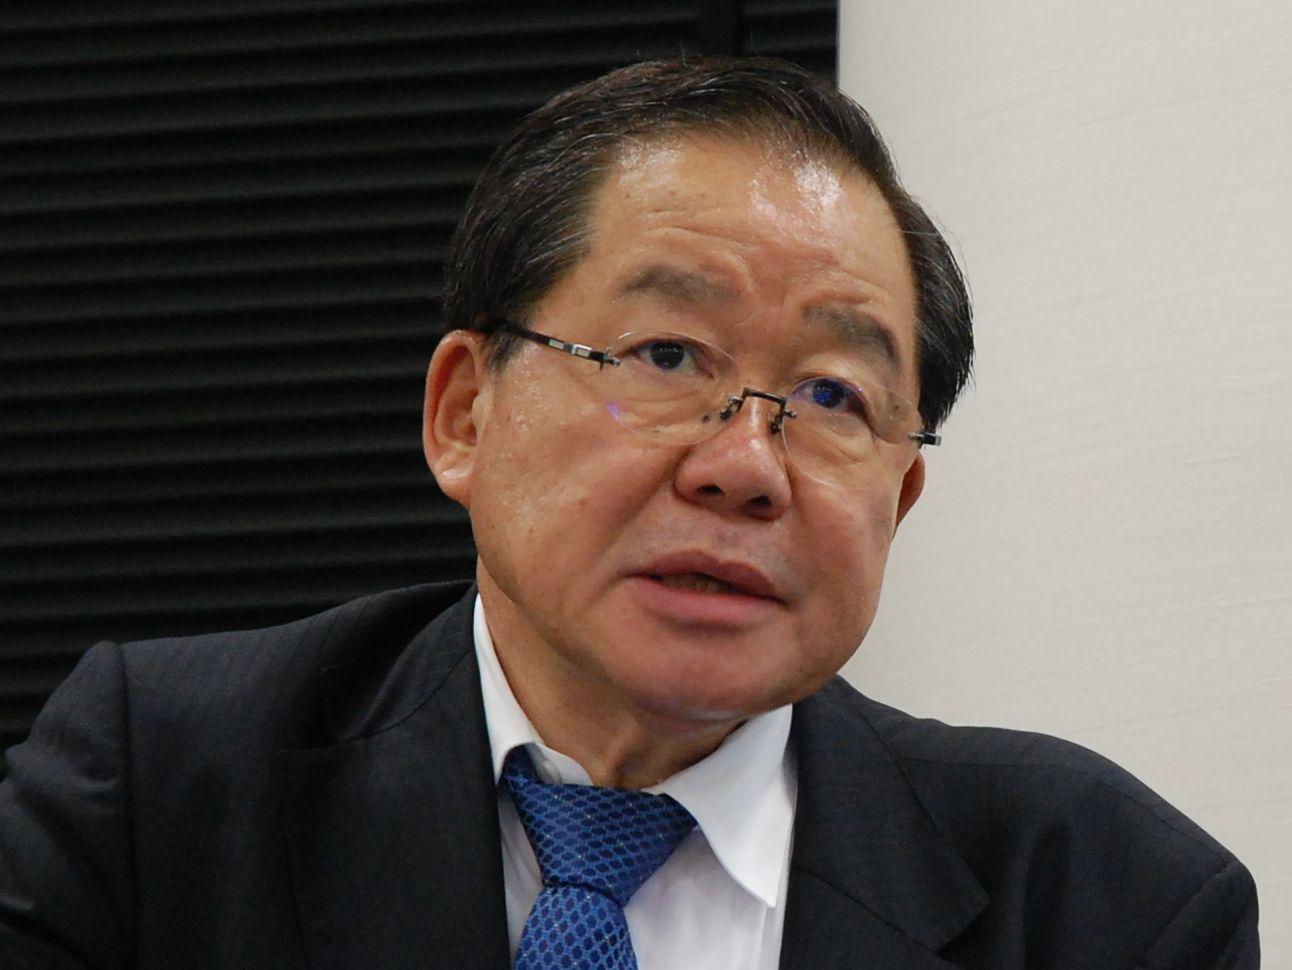 福岡県済生会福岡総合病院の院長で、日本病院会副会長も務める岡留健一郎氏。病院経営における「リーダーシップ」の重要性を強調している